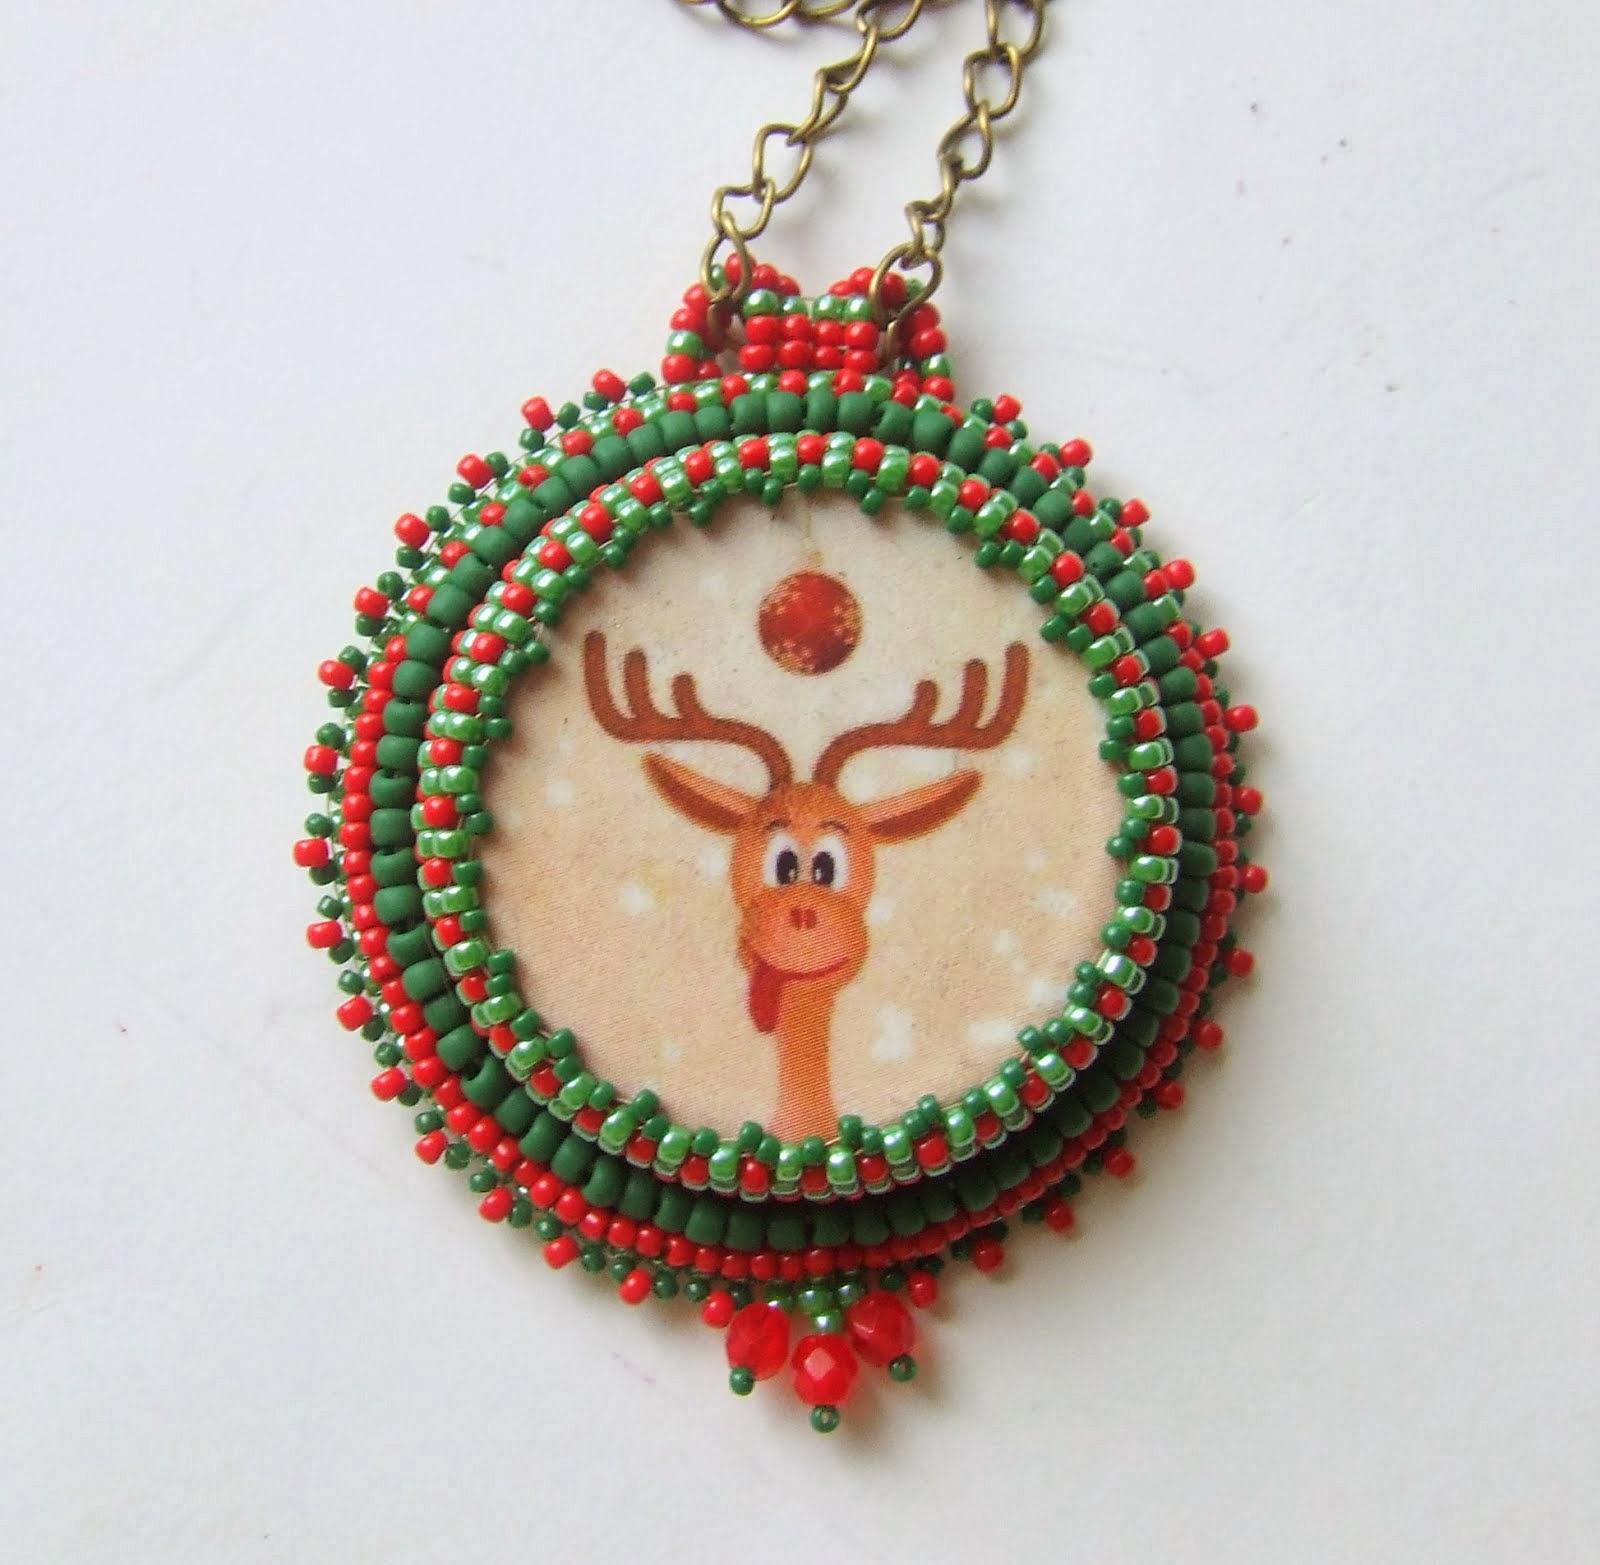 Za szalonego Rudolfa :)